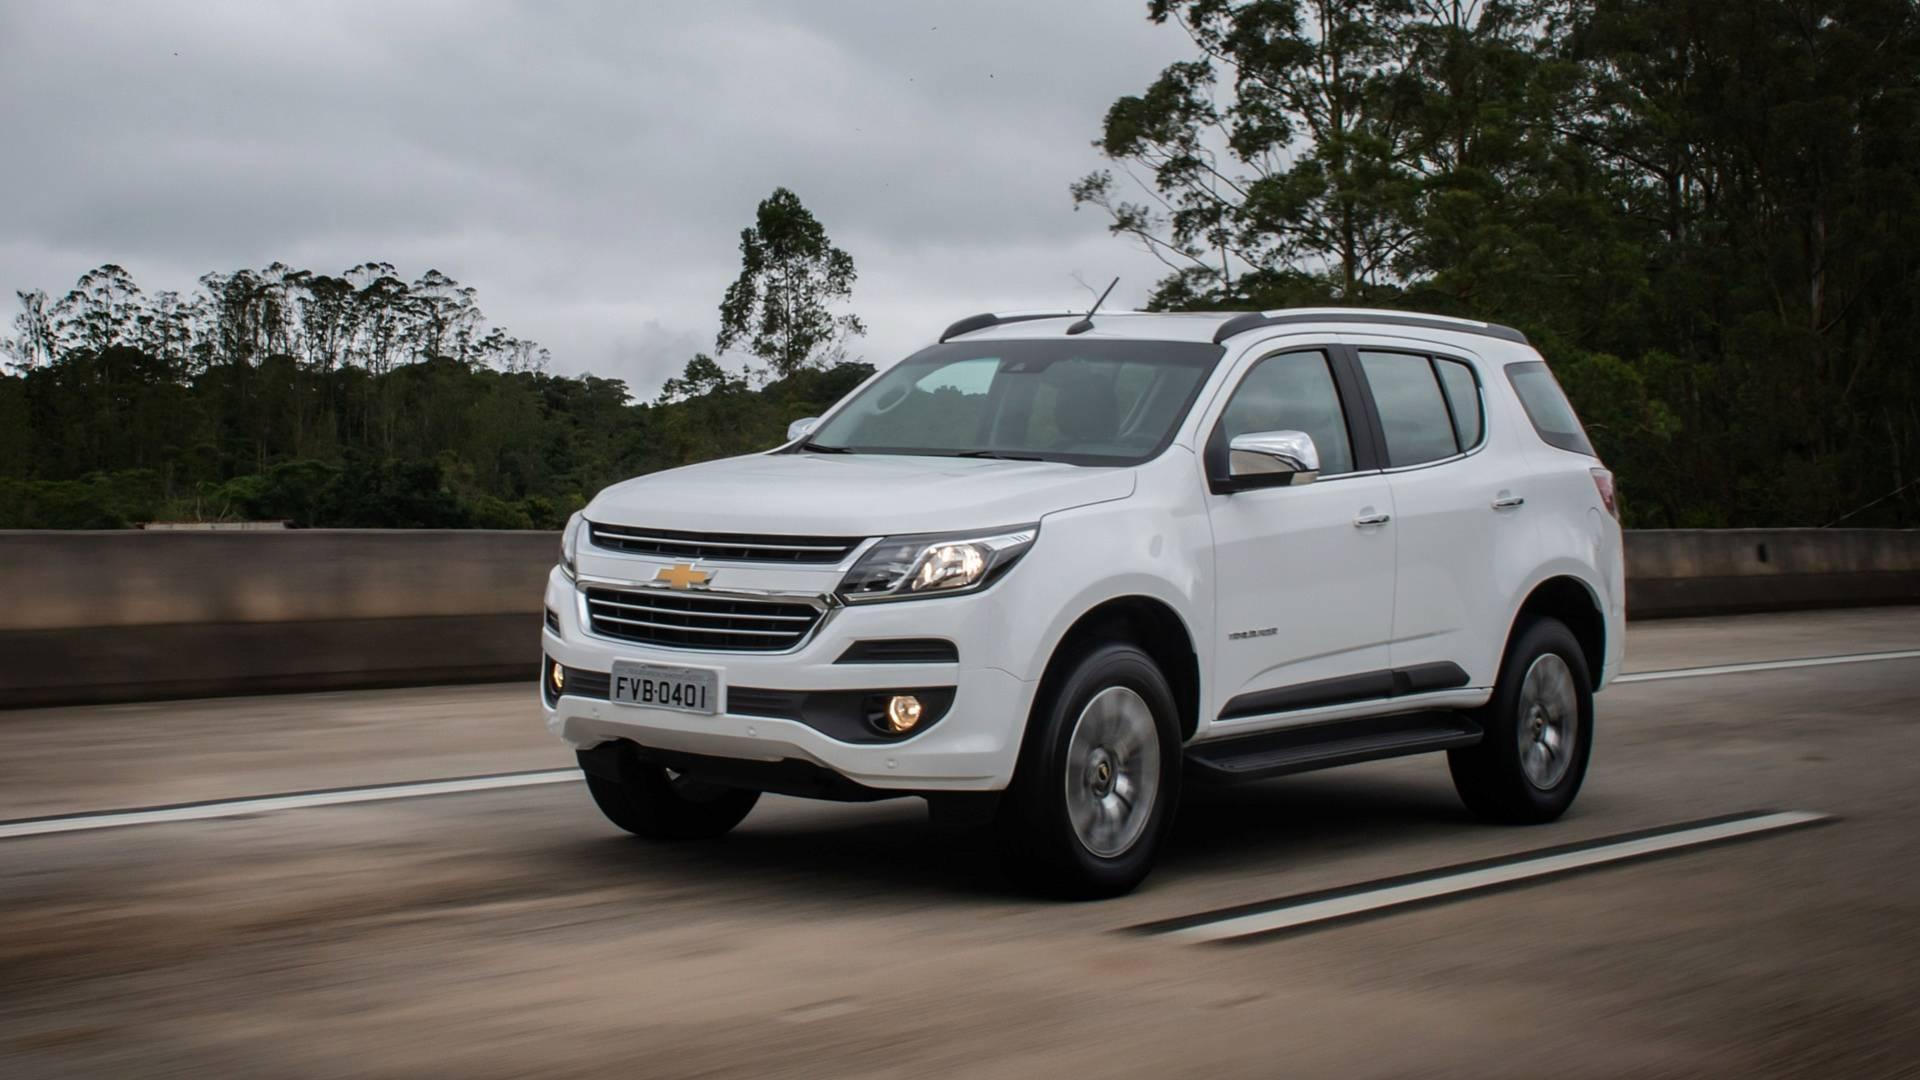 Chevrolet Trailblazer 2019. Foto: Divulgação